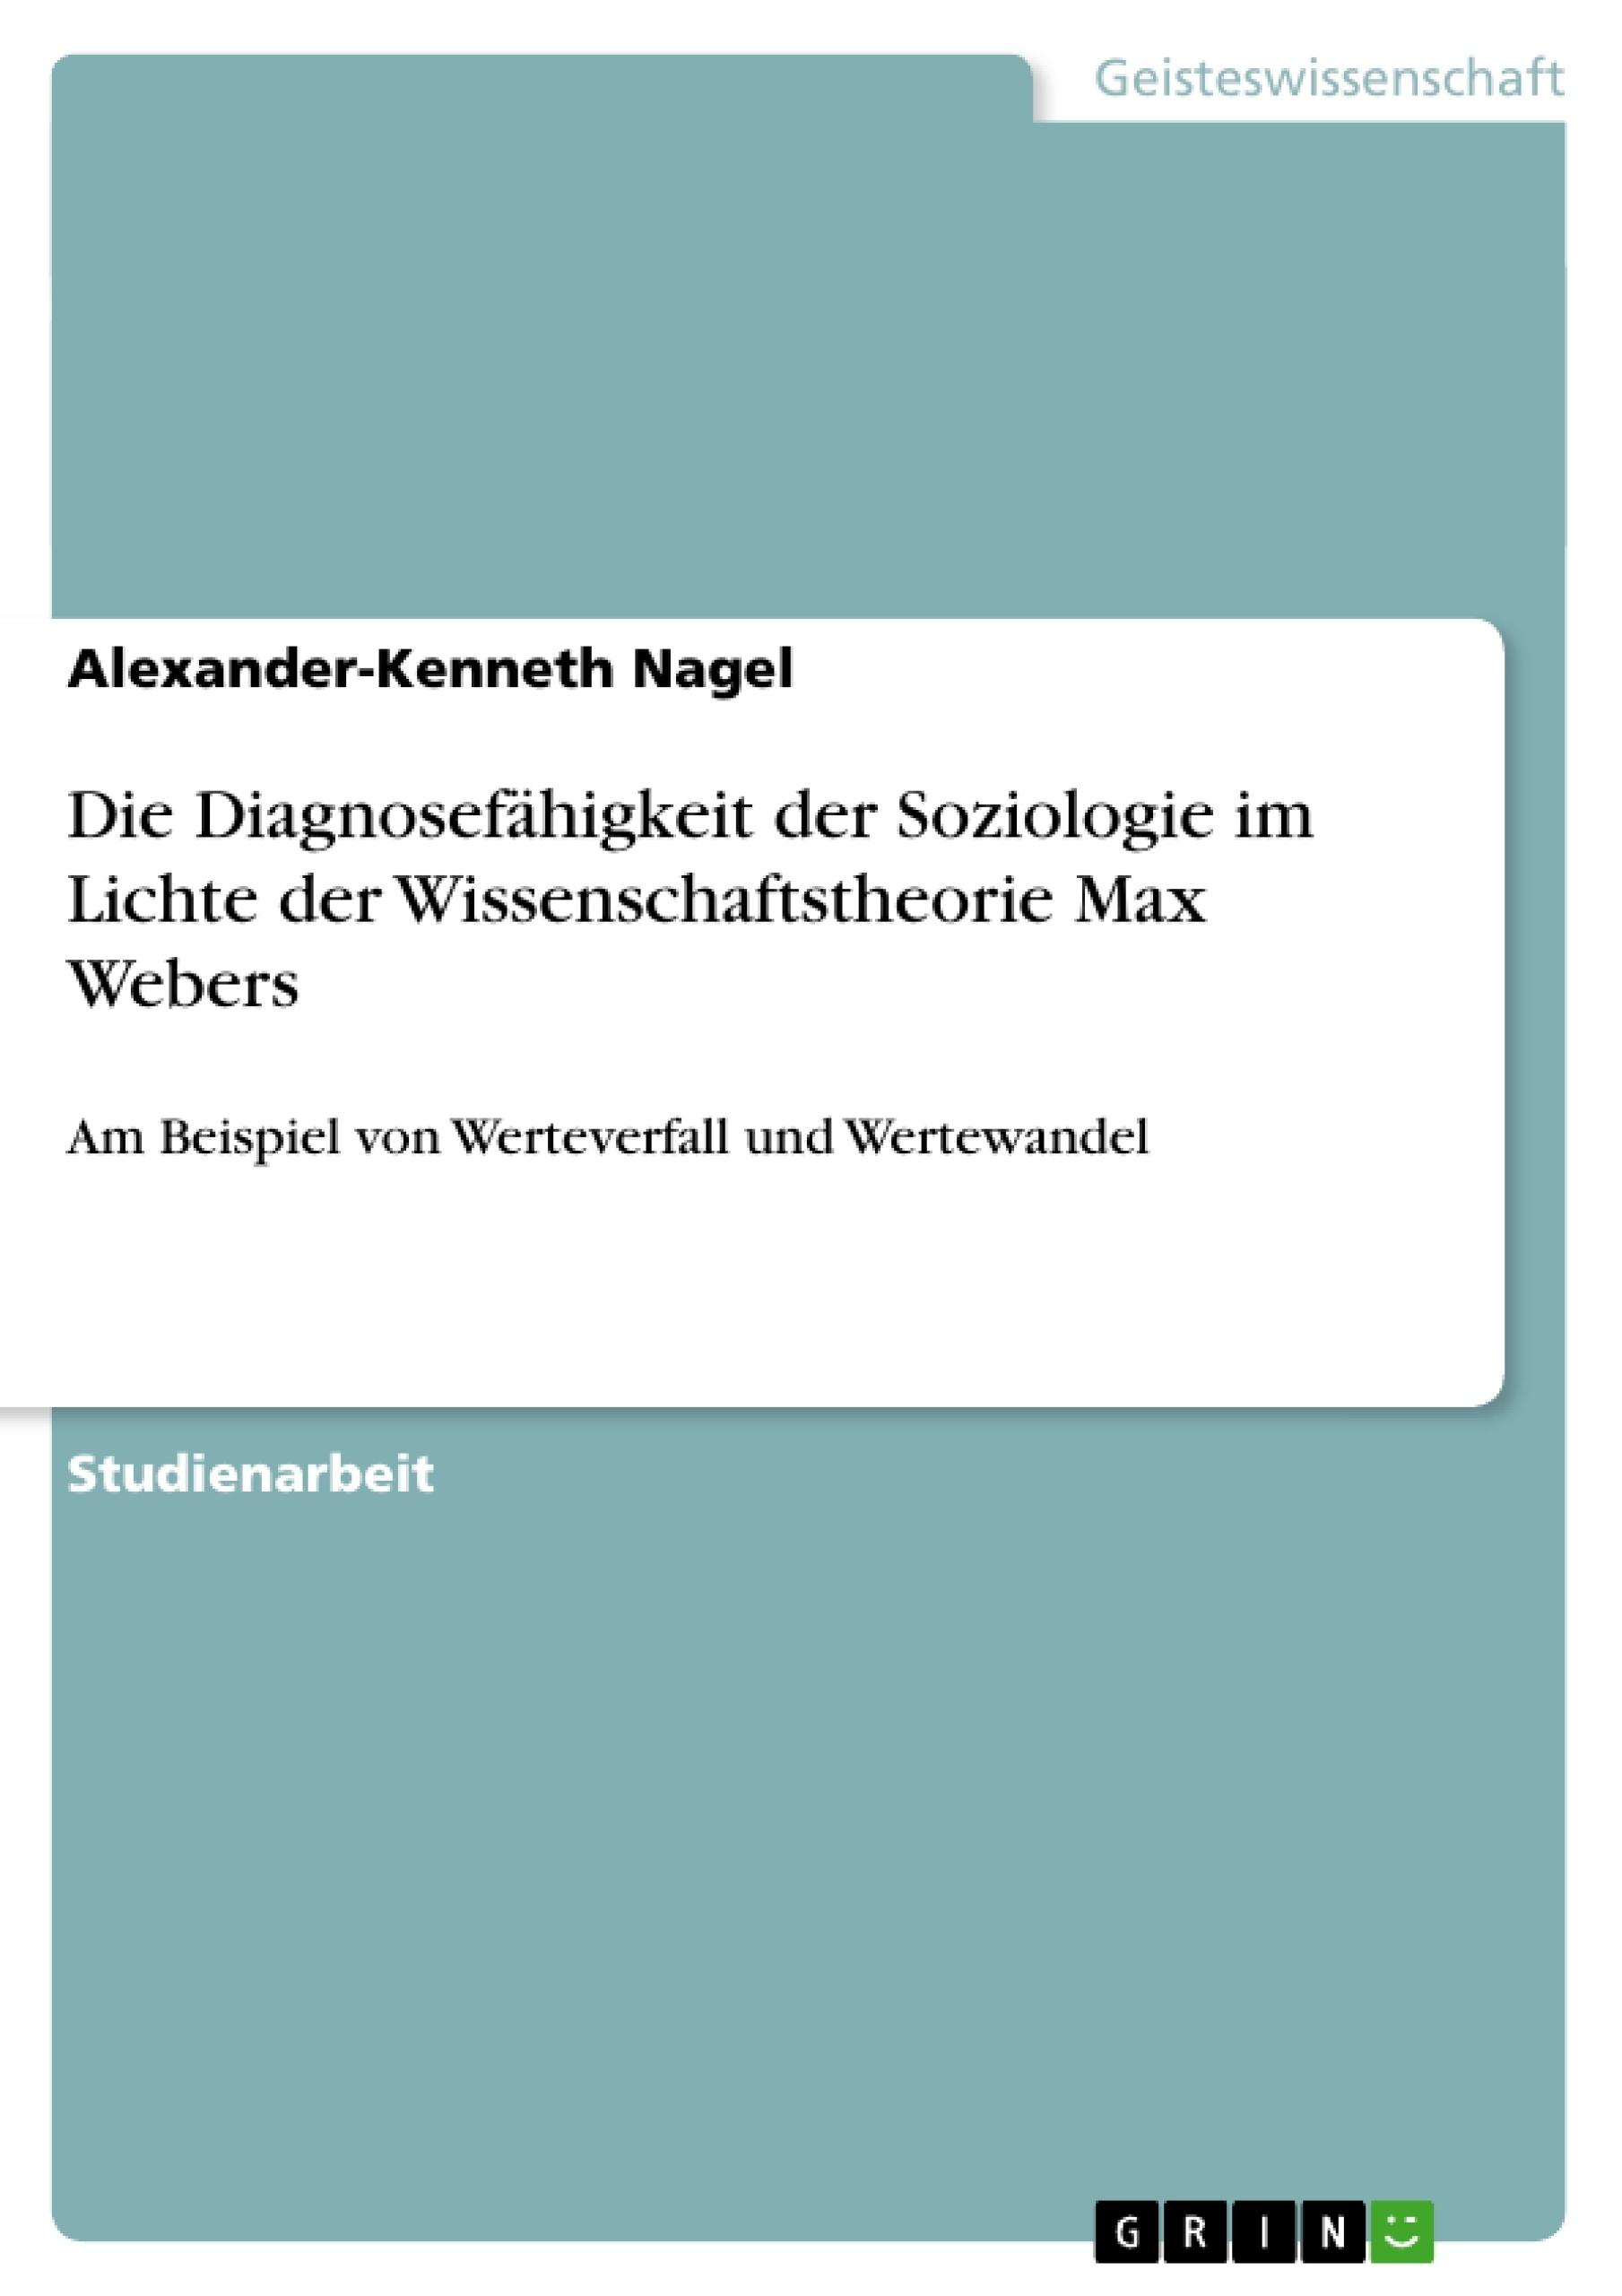 Titel: Die Diagnosefähigkeit der Soziologie im Lichte der Wissenschaftstheorie Max Webers